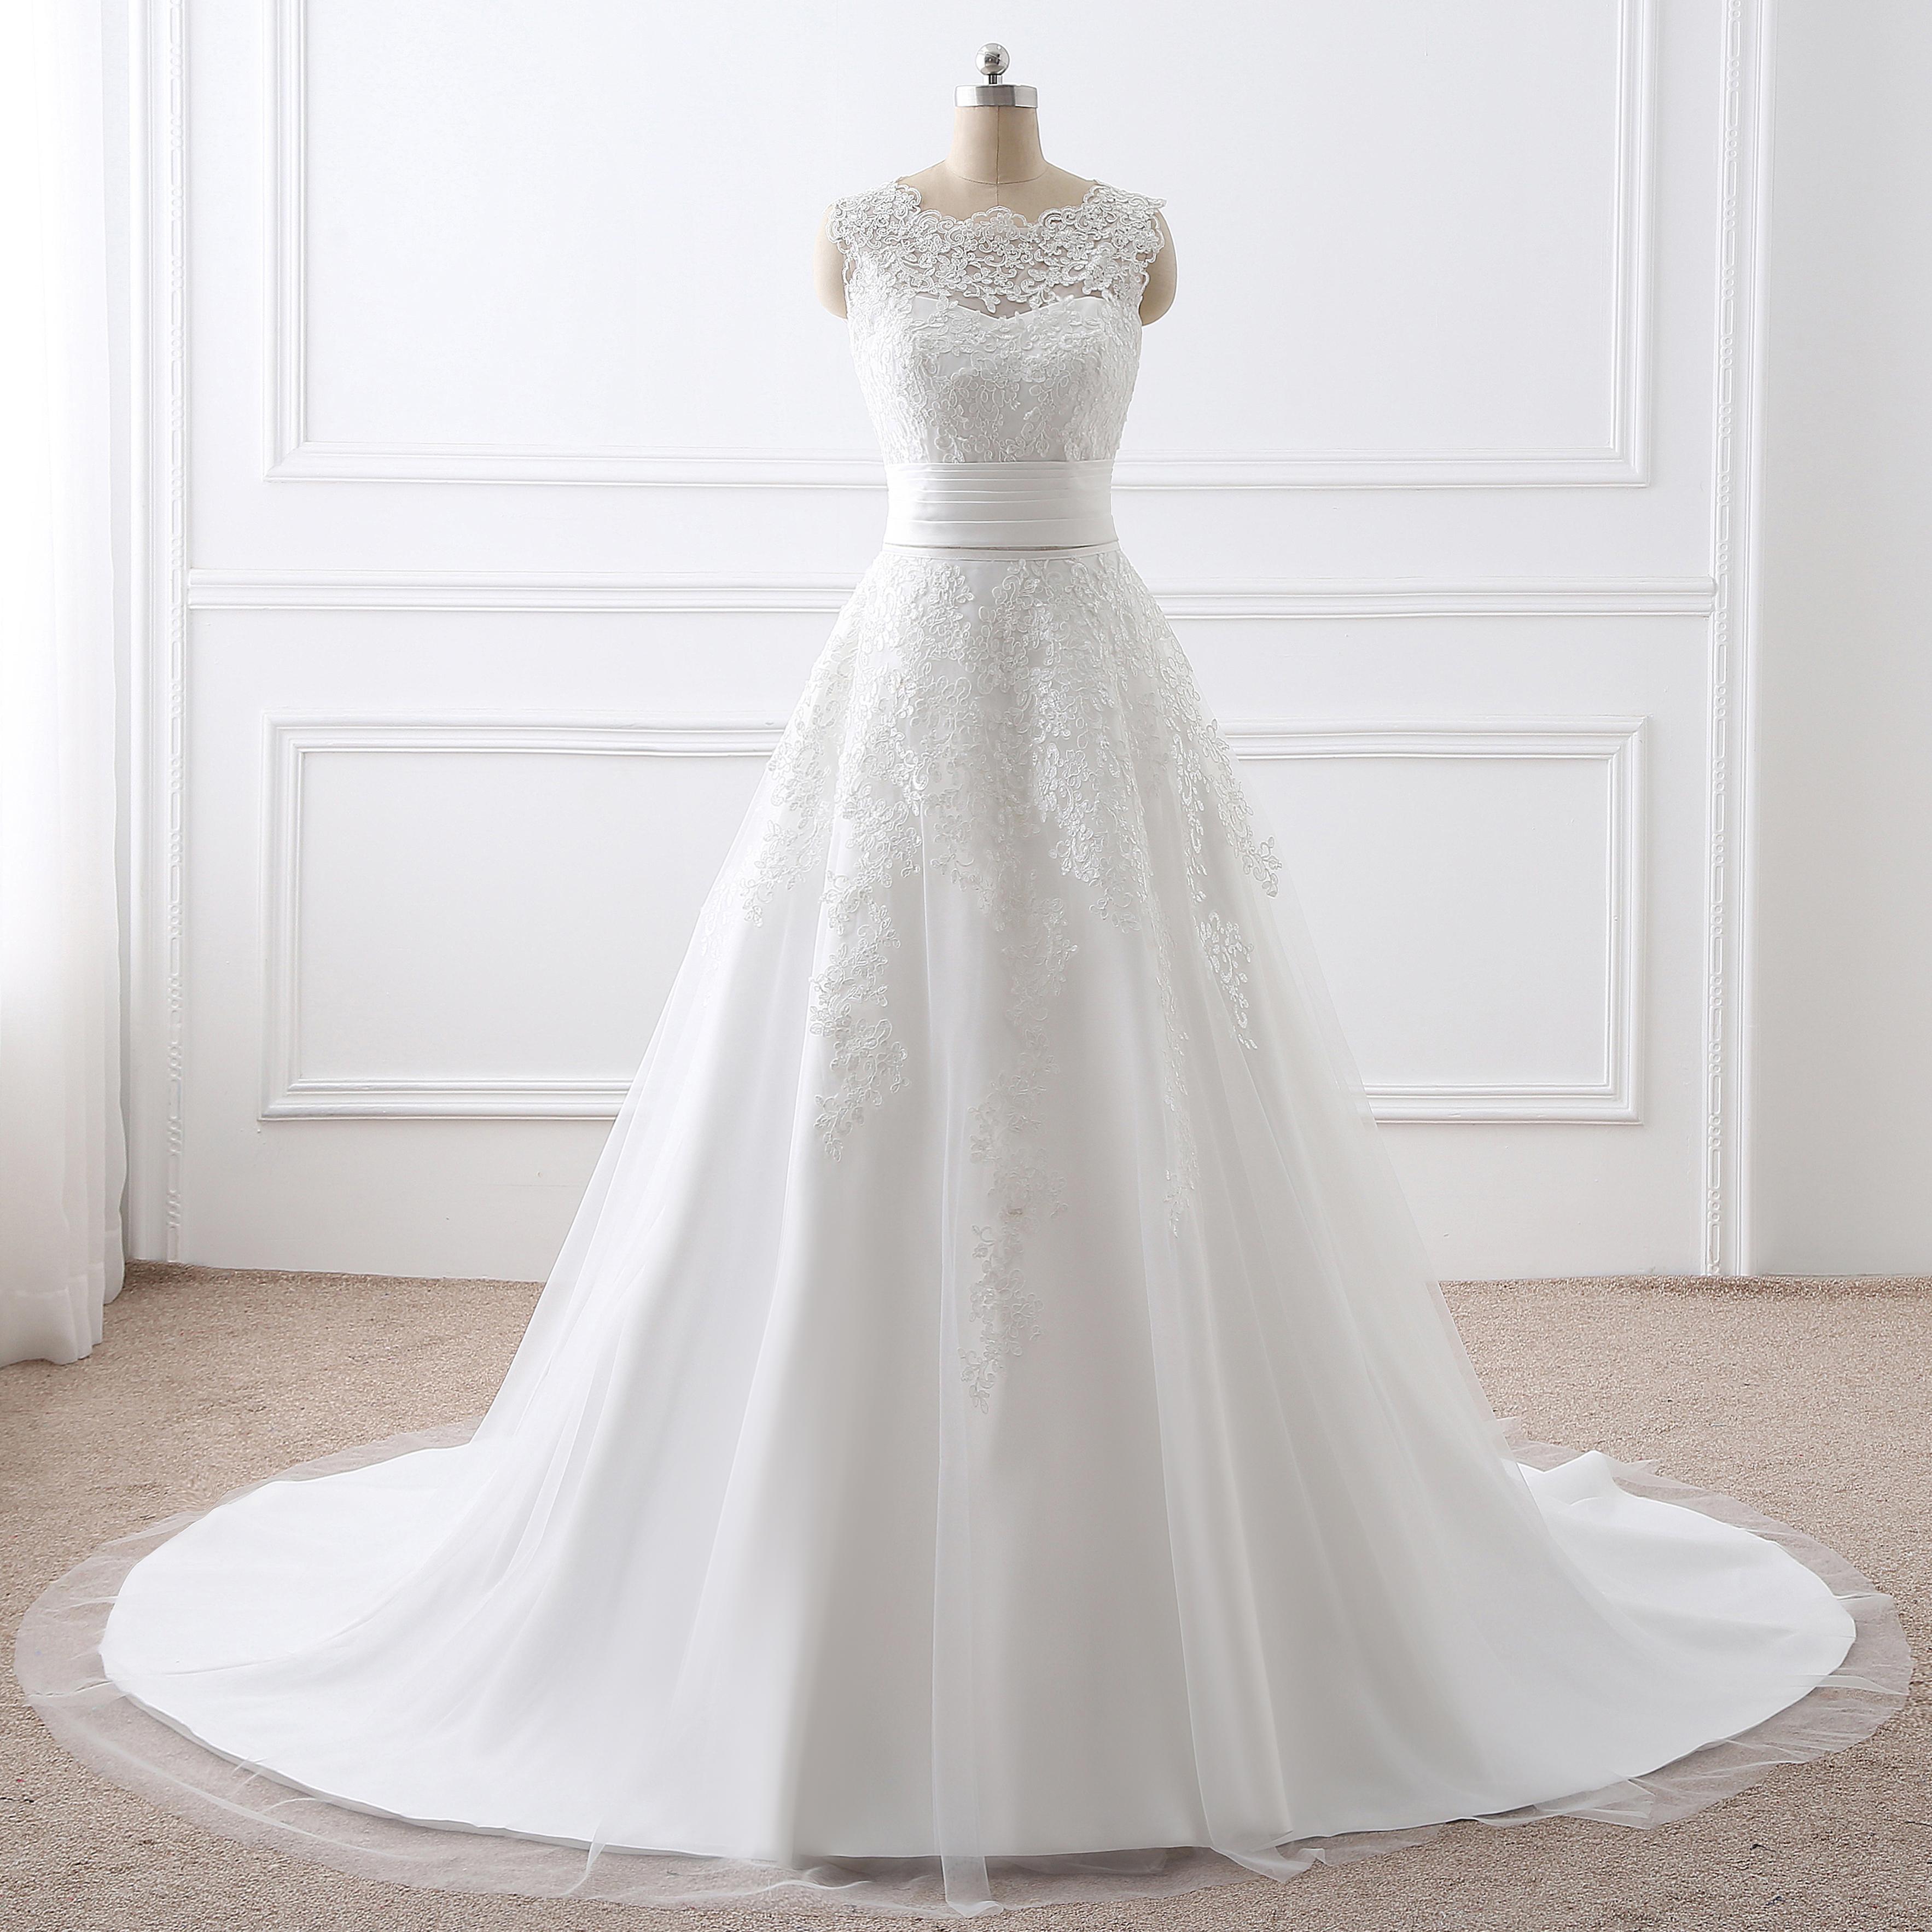 韩式简约圆领拖尾婚纱